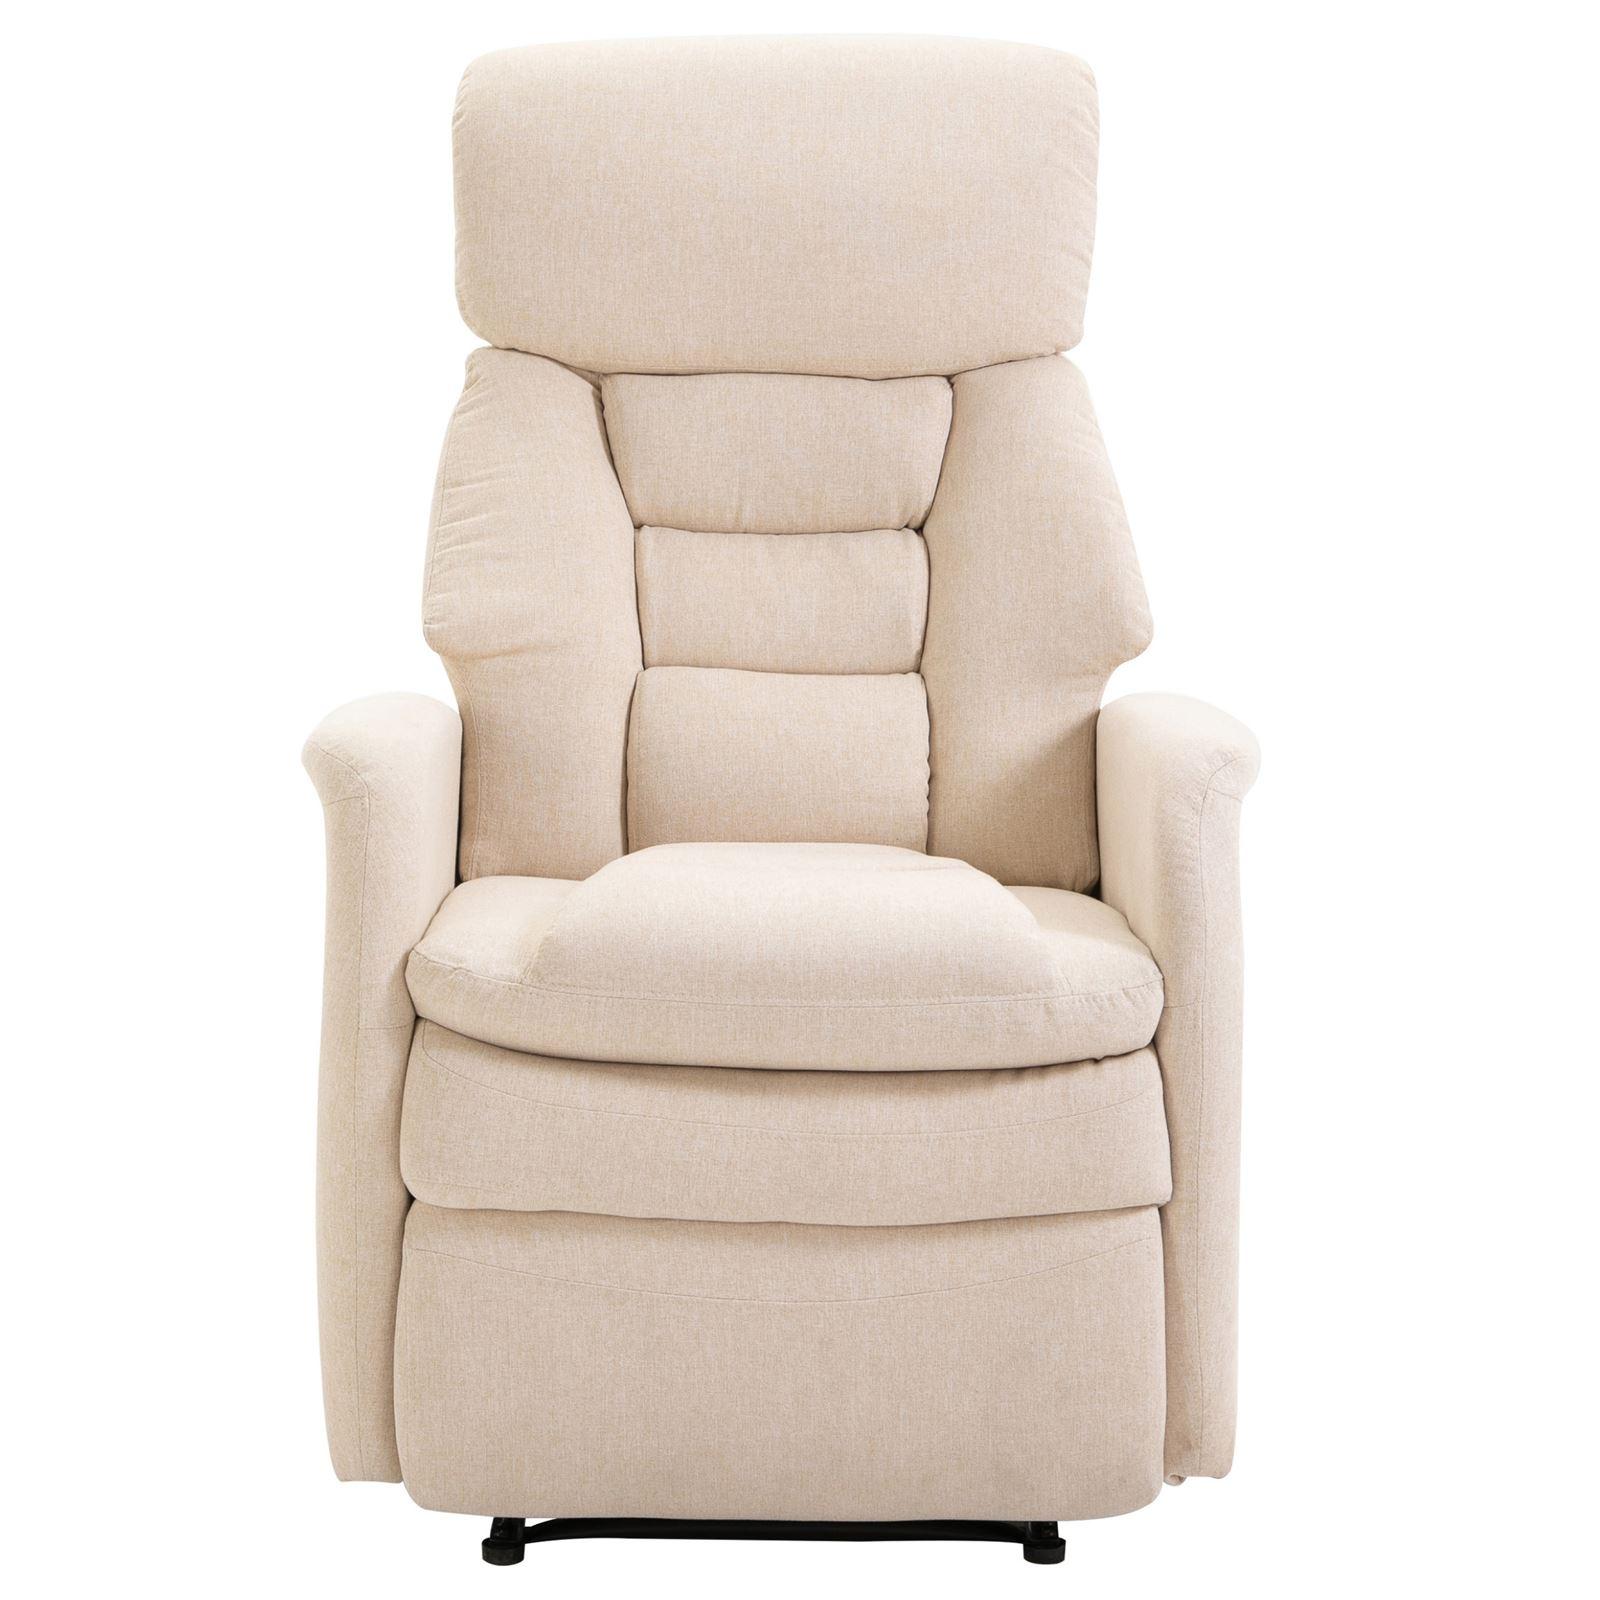 Full Size of Liegesessel Verstellbar Relaxsessel Fernsehsessel Tv Sessel Mit Stoffbezug In Sofa Verstellbarer Sitztiefe Wohnzimmer Liegesessel Verstellbar